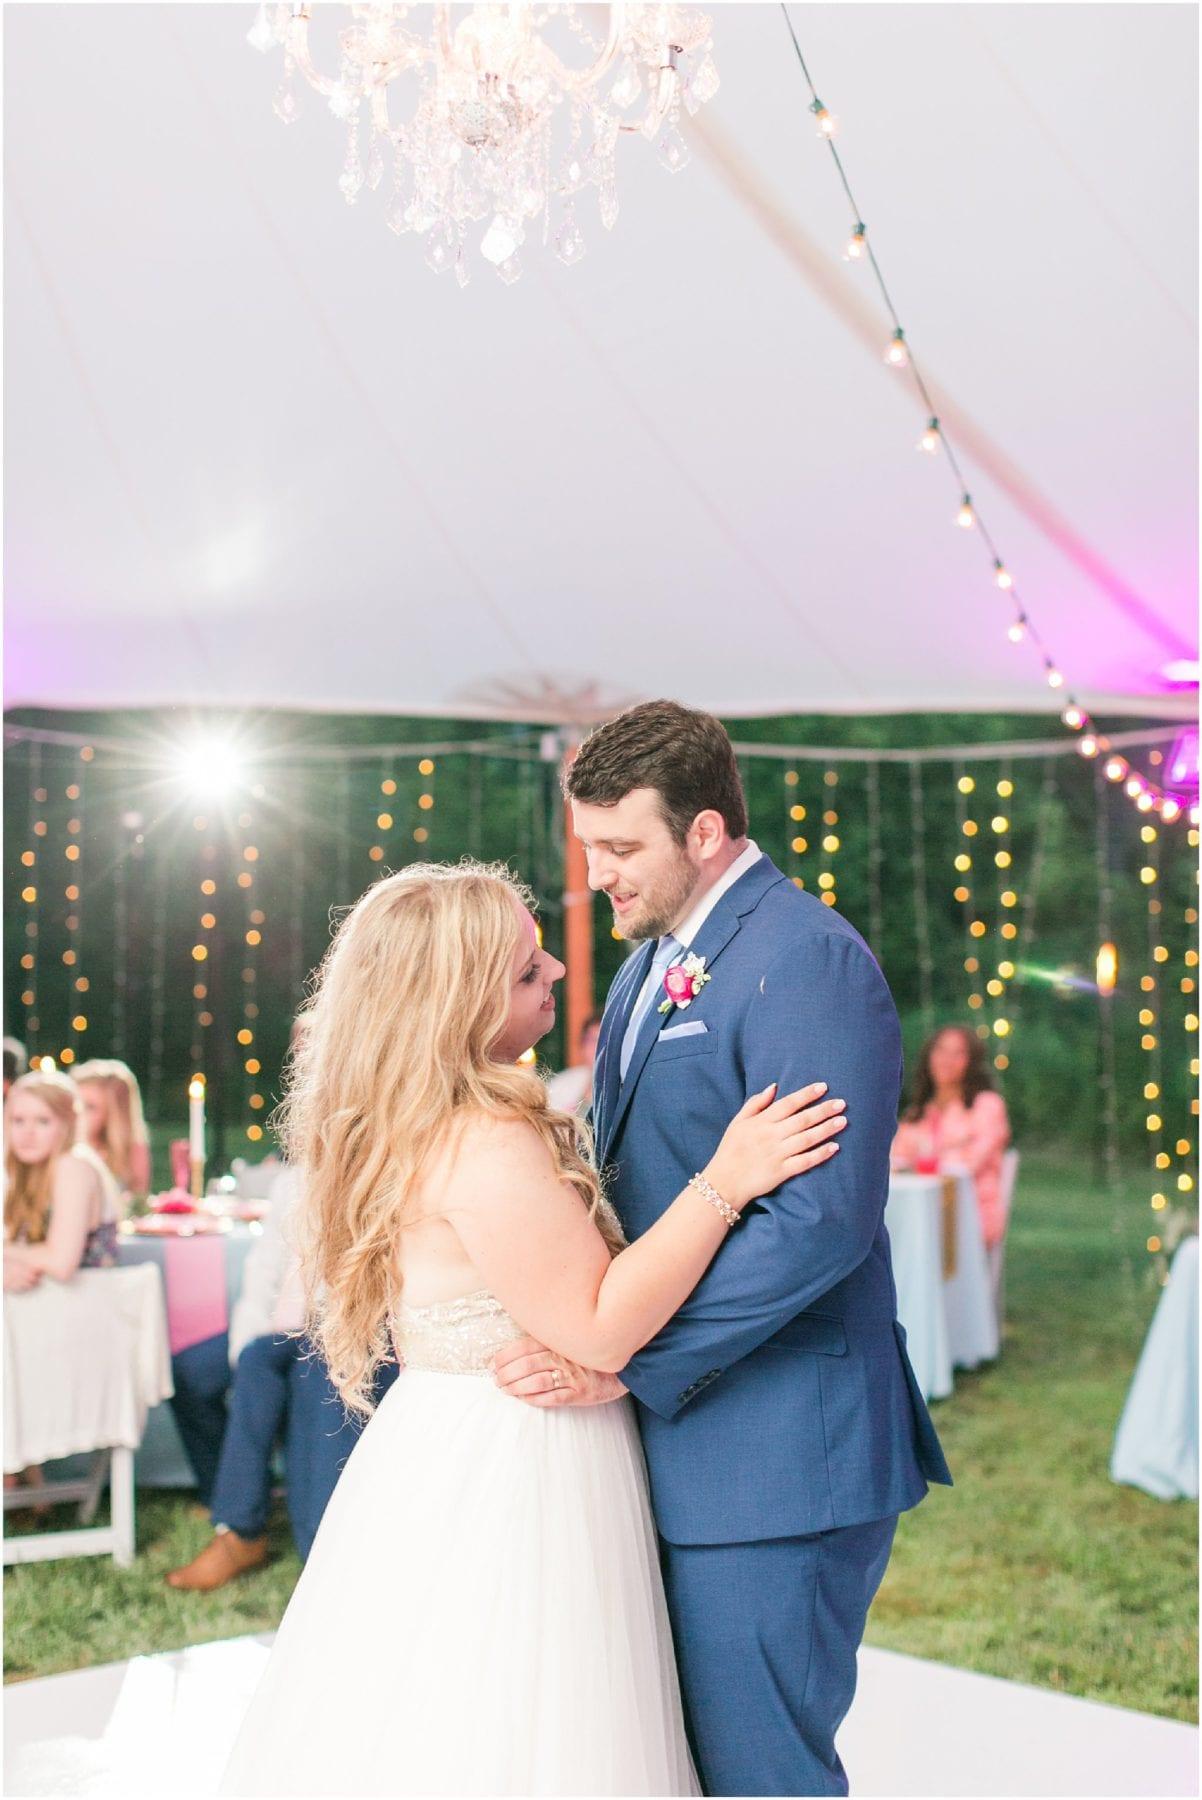 Maryland Backyard Wedding Photos Kelly & Zach Megan Kelsey Photography-298.jpg